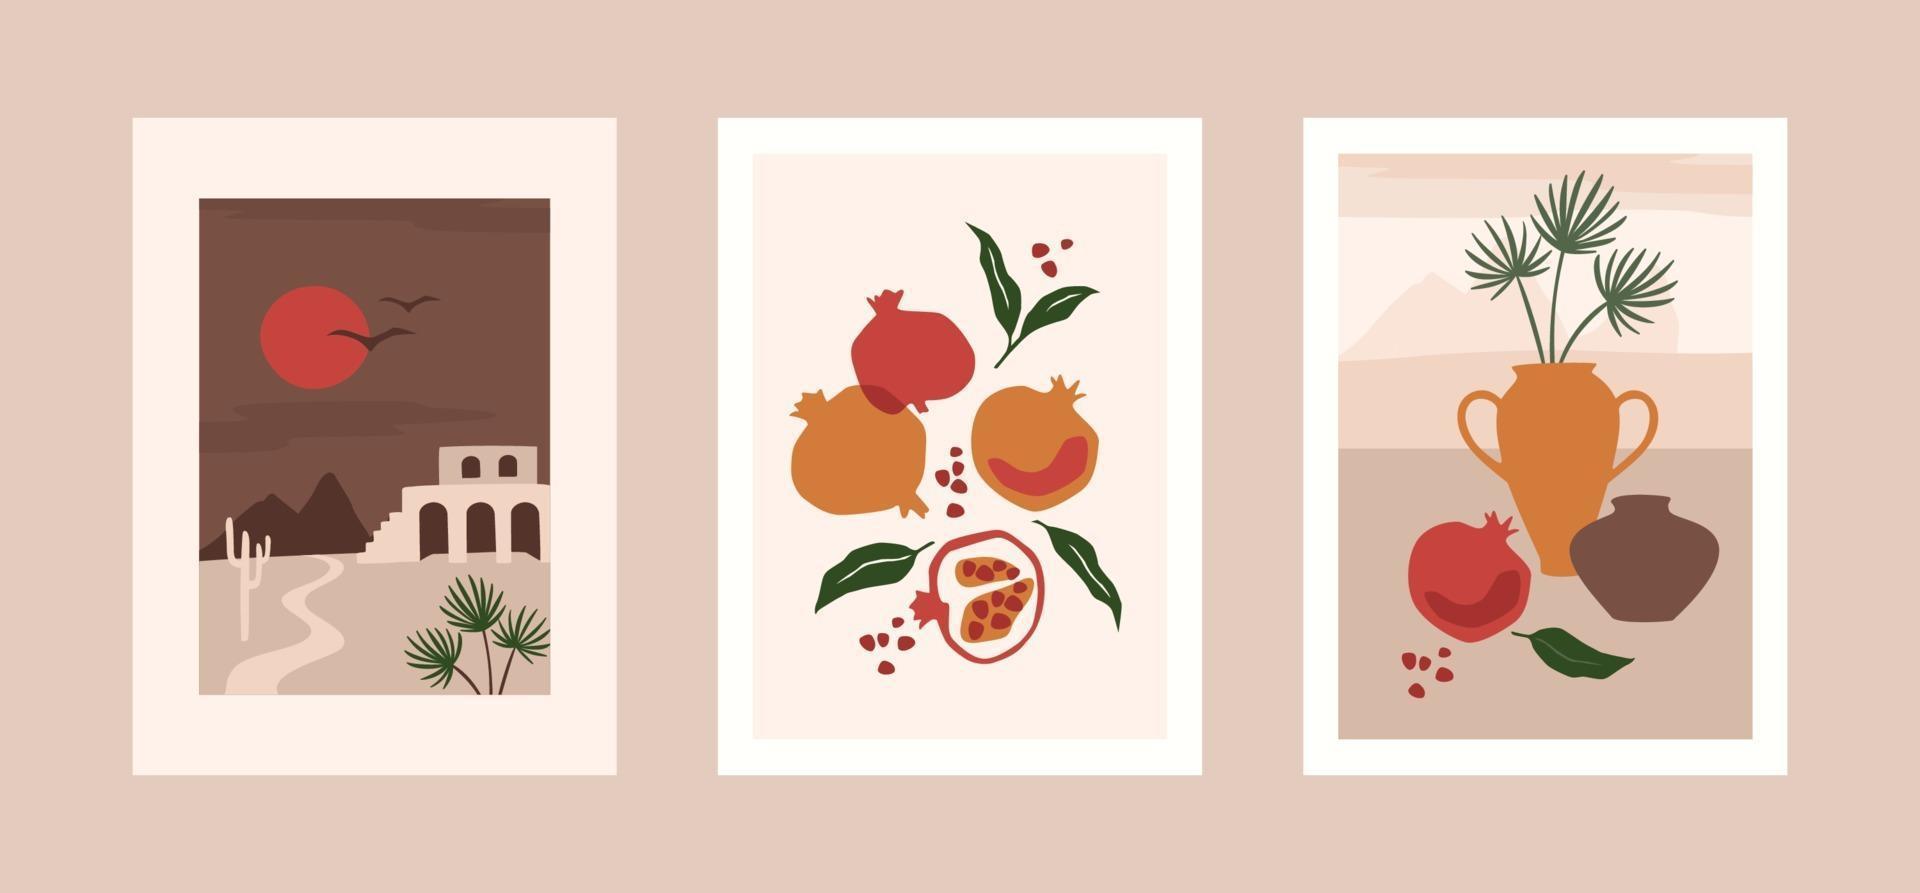 collectie hedendaagse kunstprints. modern vectorontwerp voor kunst aan de muur, posters, kaarten, t-shirts en meer vector